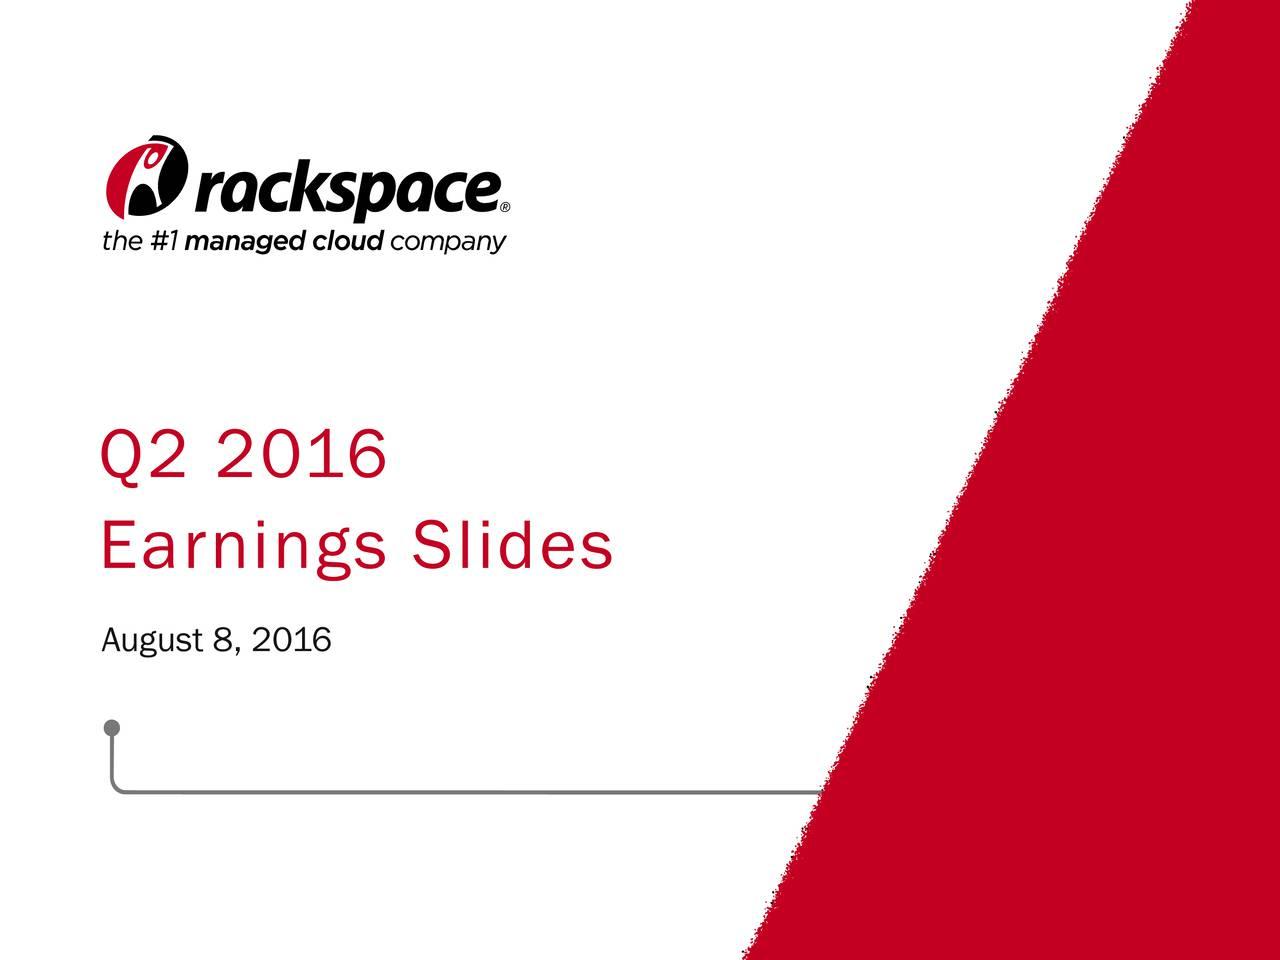 Earnings Slides August 8, 2016